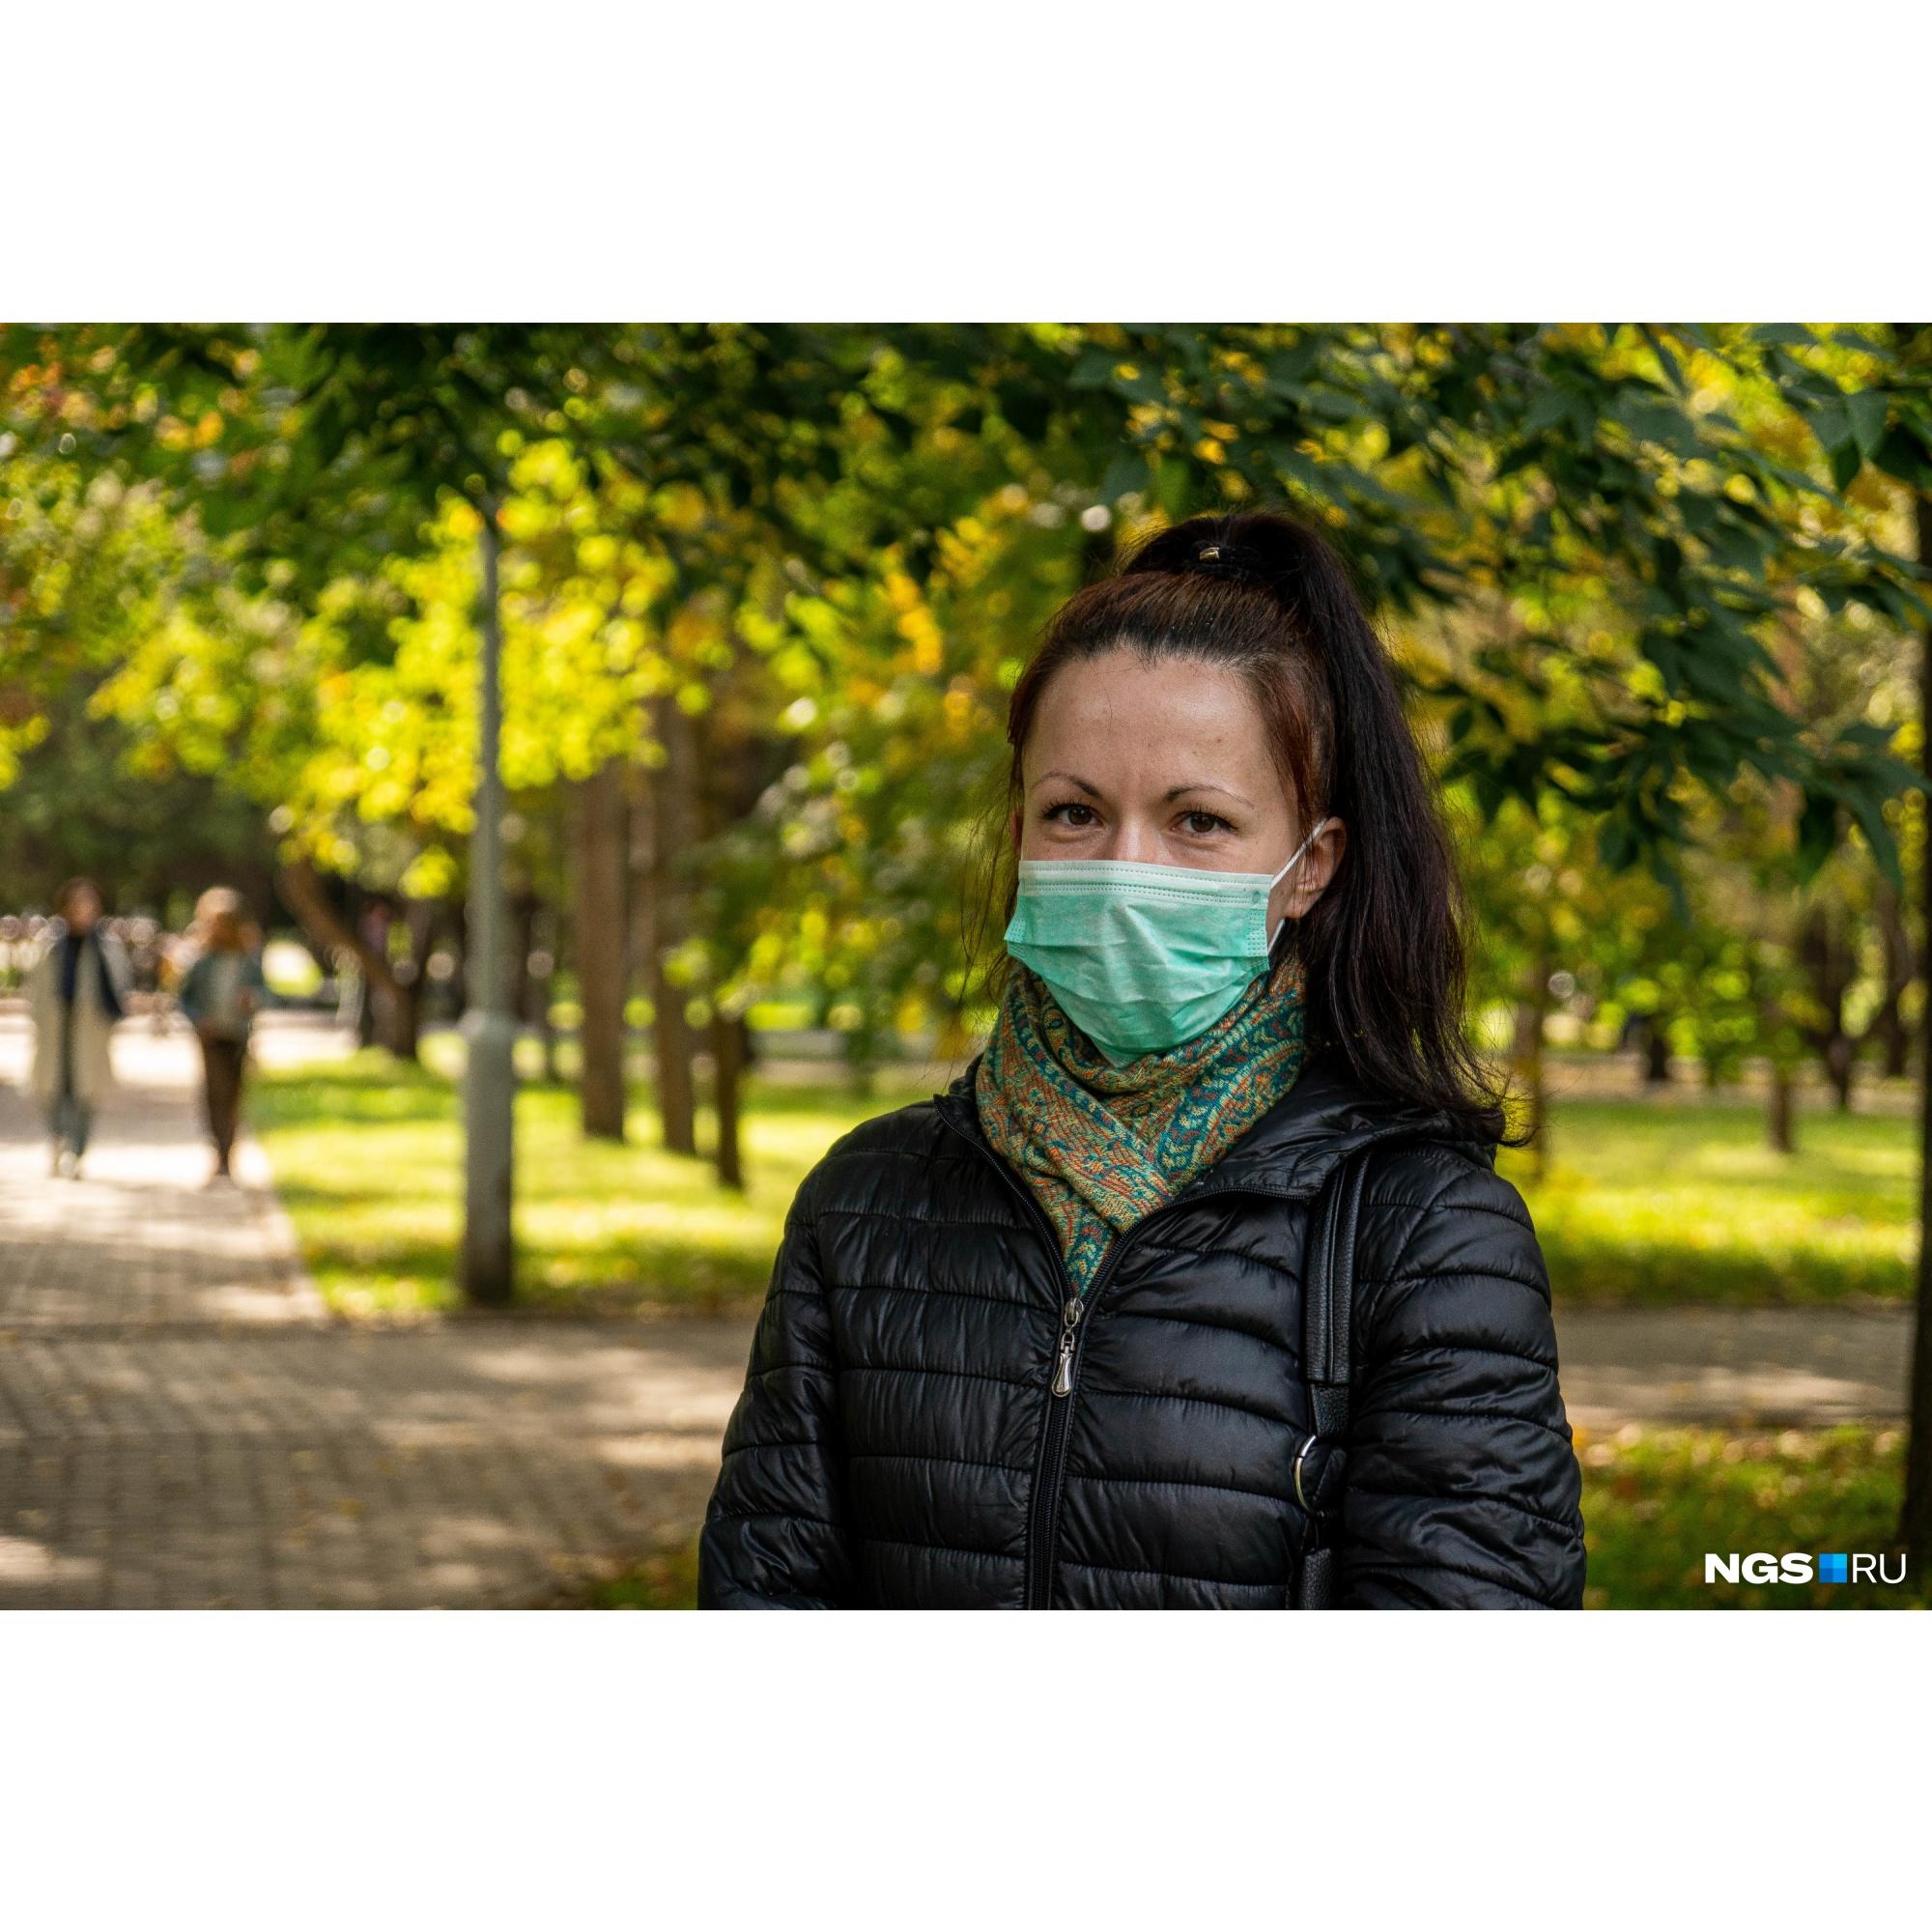 Юлия и её семья тоже много лет не ходят на выборы и не следят за политикой